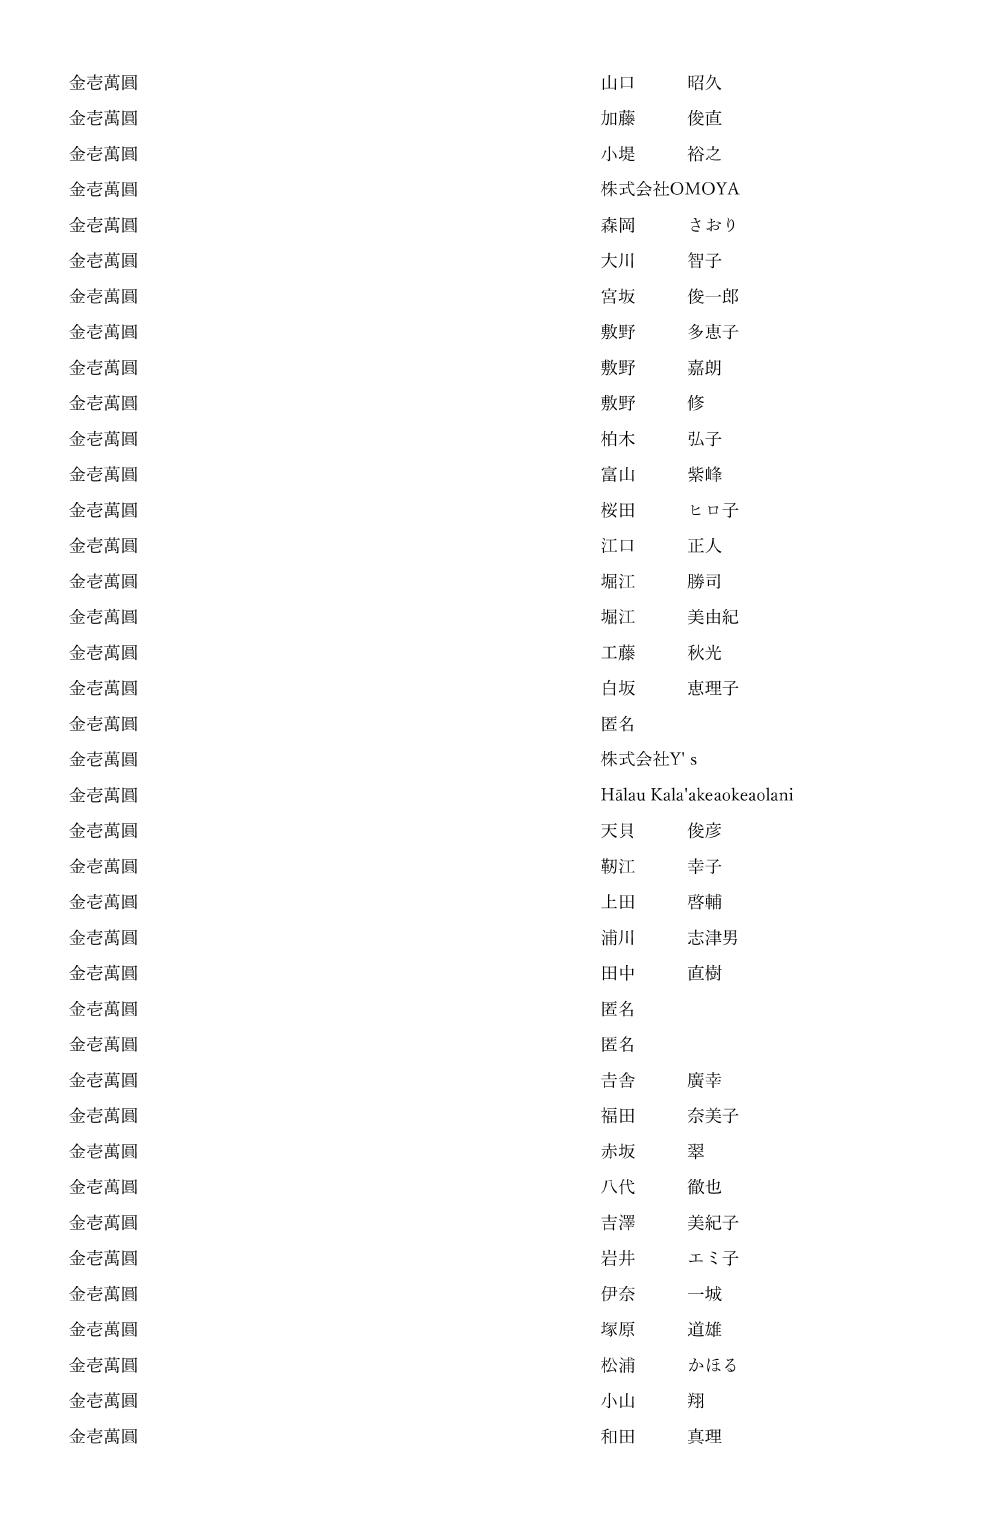 御鎮座七百年記念事業奉賛者御芳名簿9